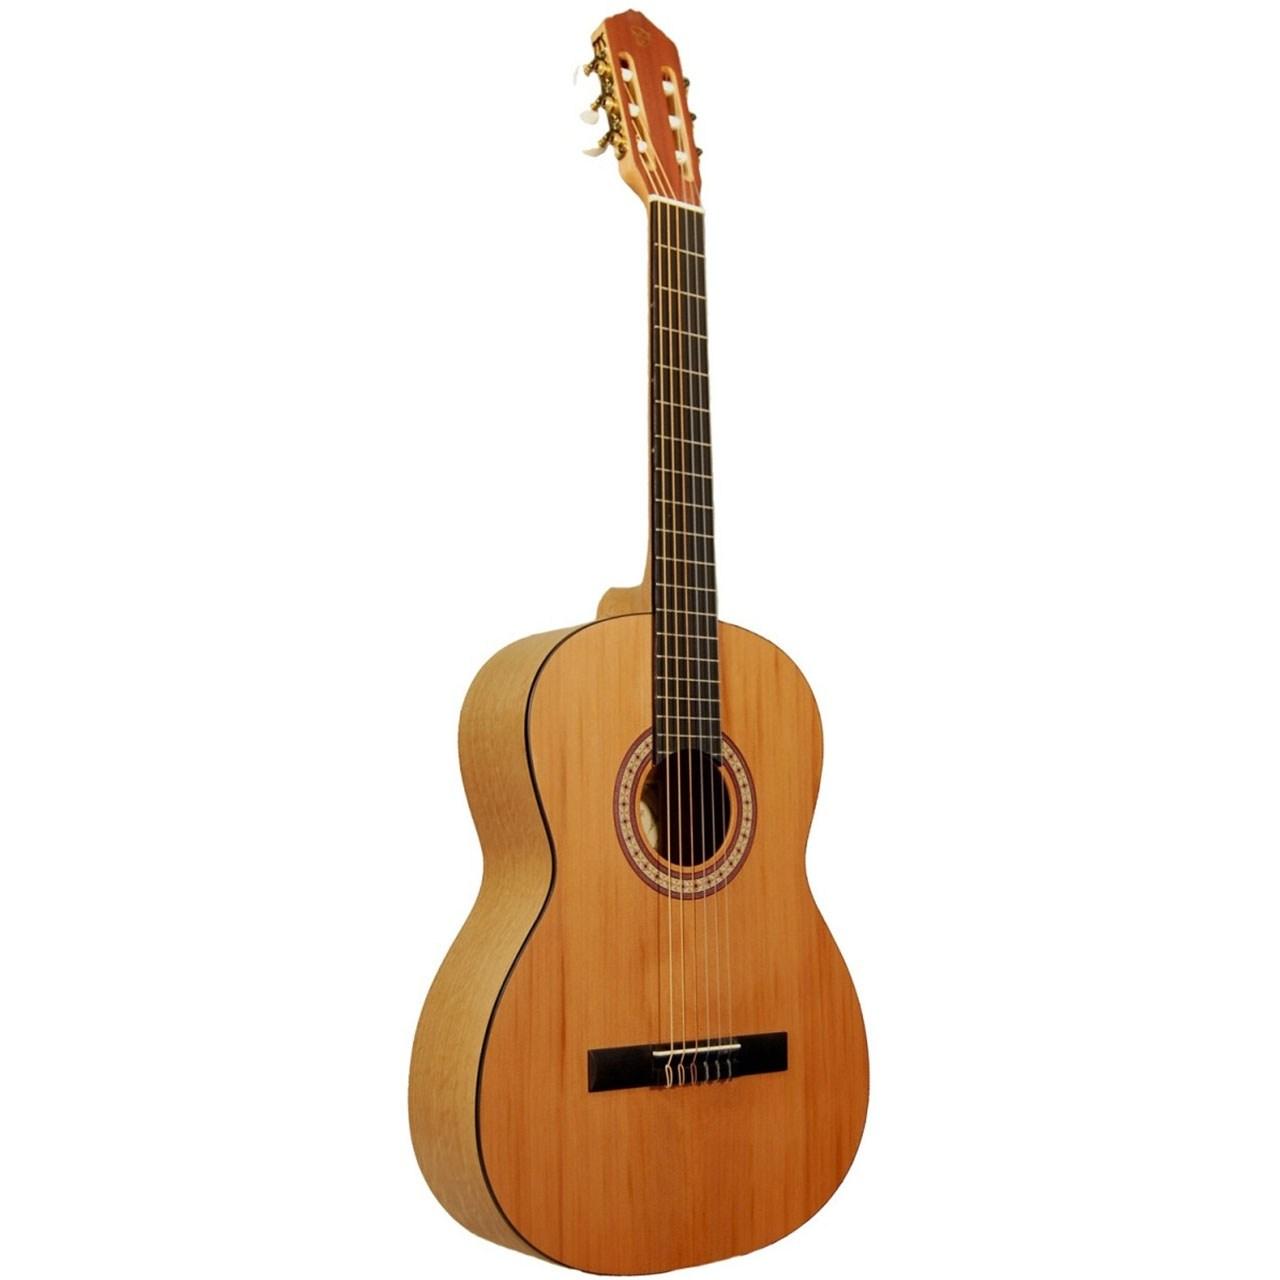 گیتار کلاسیک اشترونال مدل Eko 371 4/4